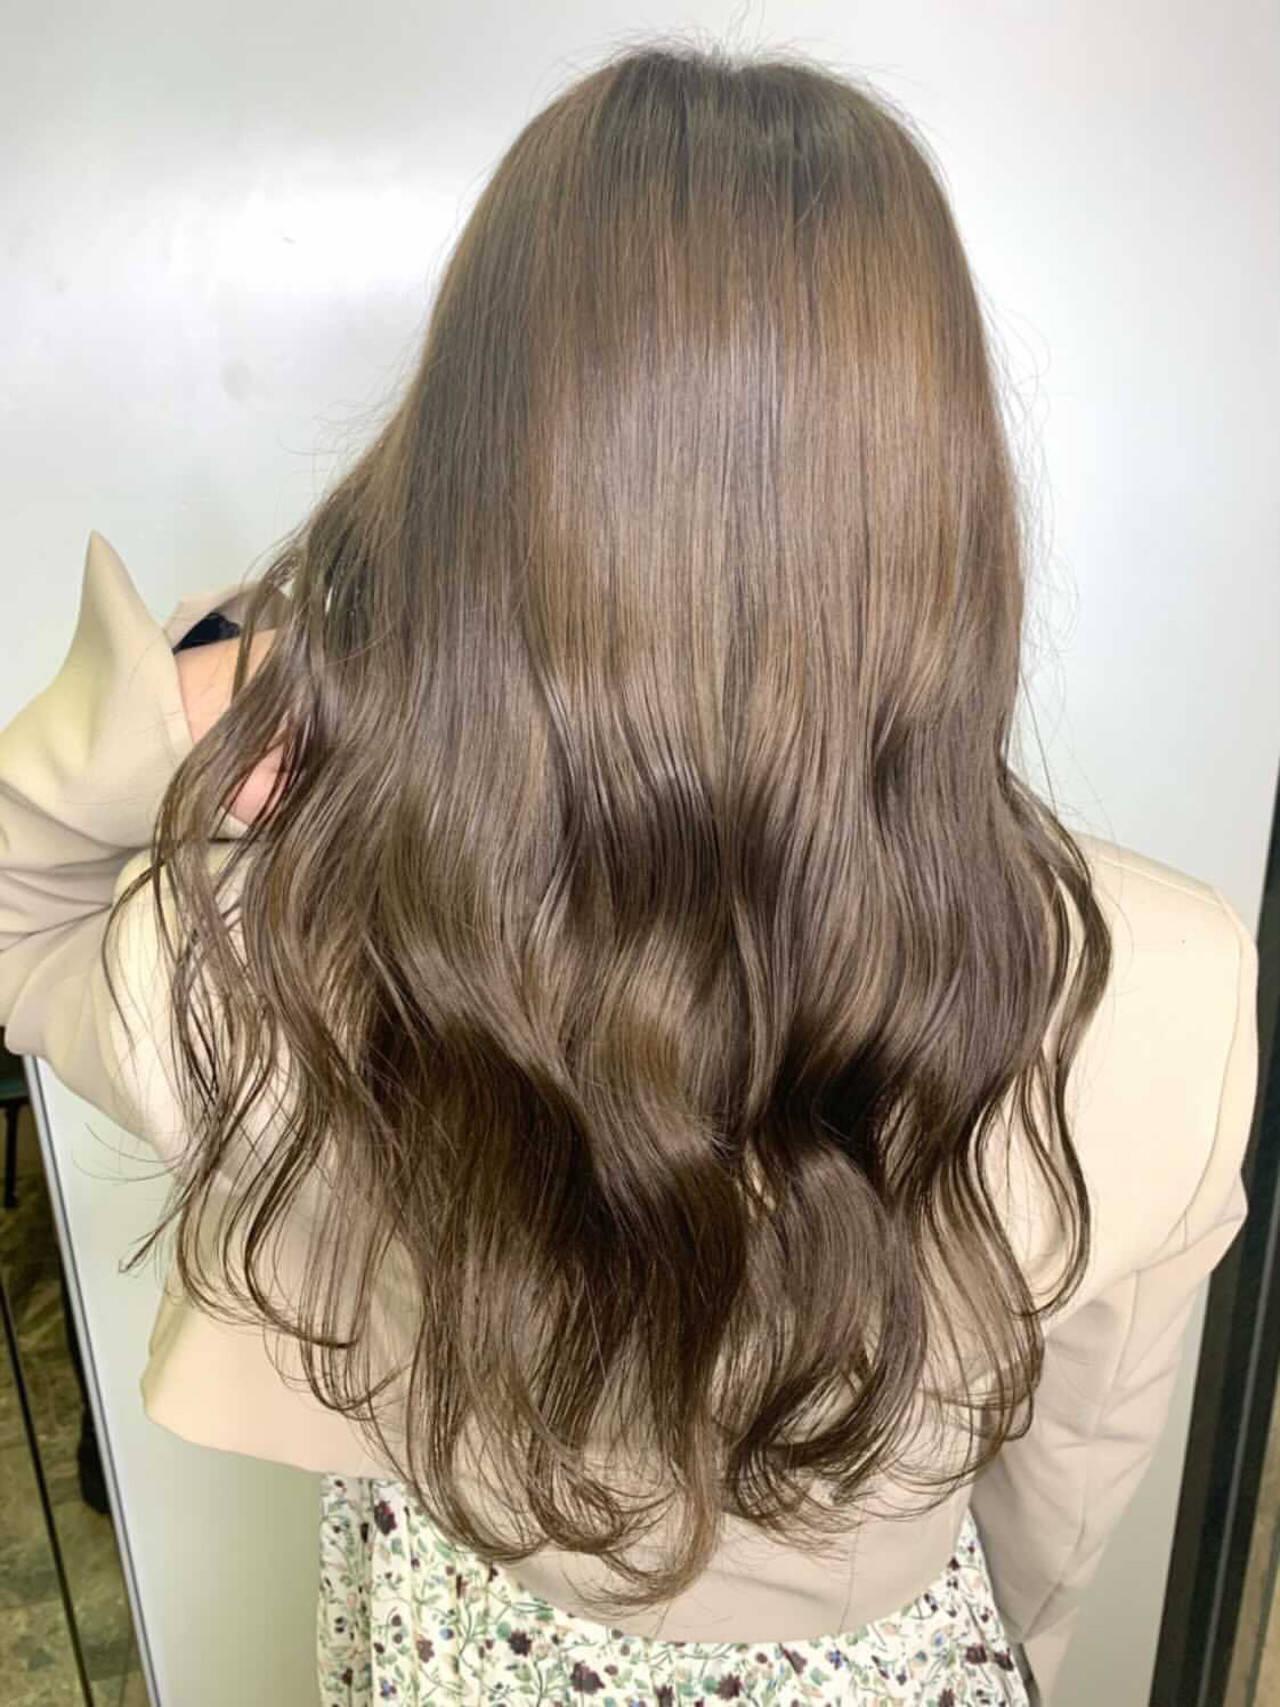 ナチュラル 透明感カラー グレージュ シアーベージュヘアスタイルや髪型の写真・画像